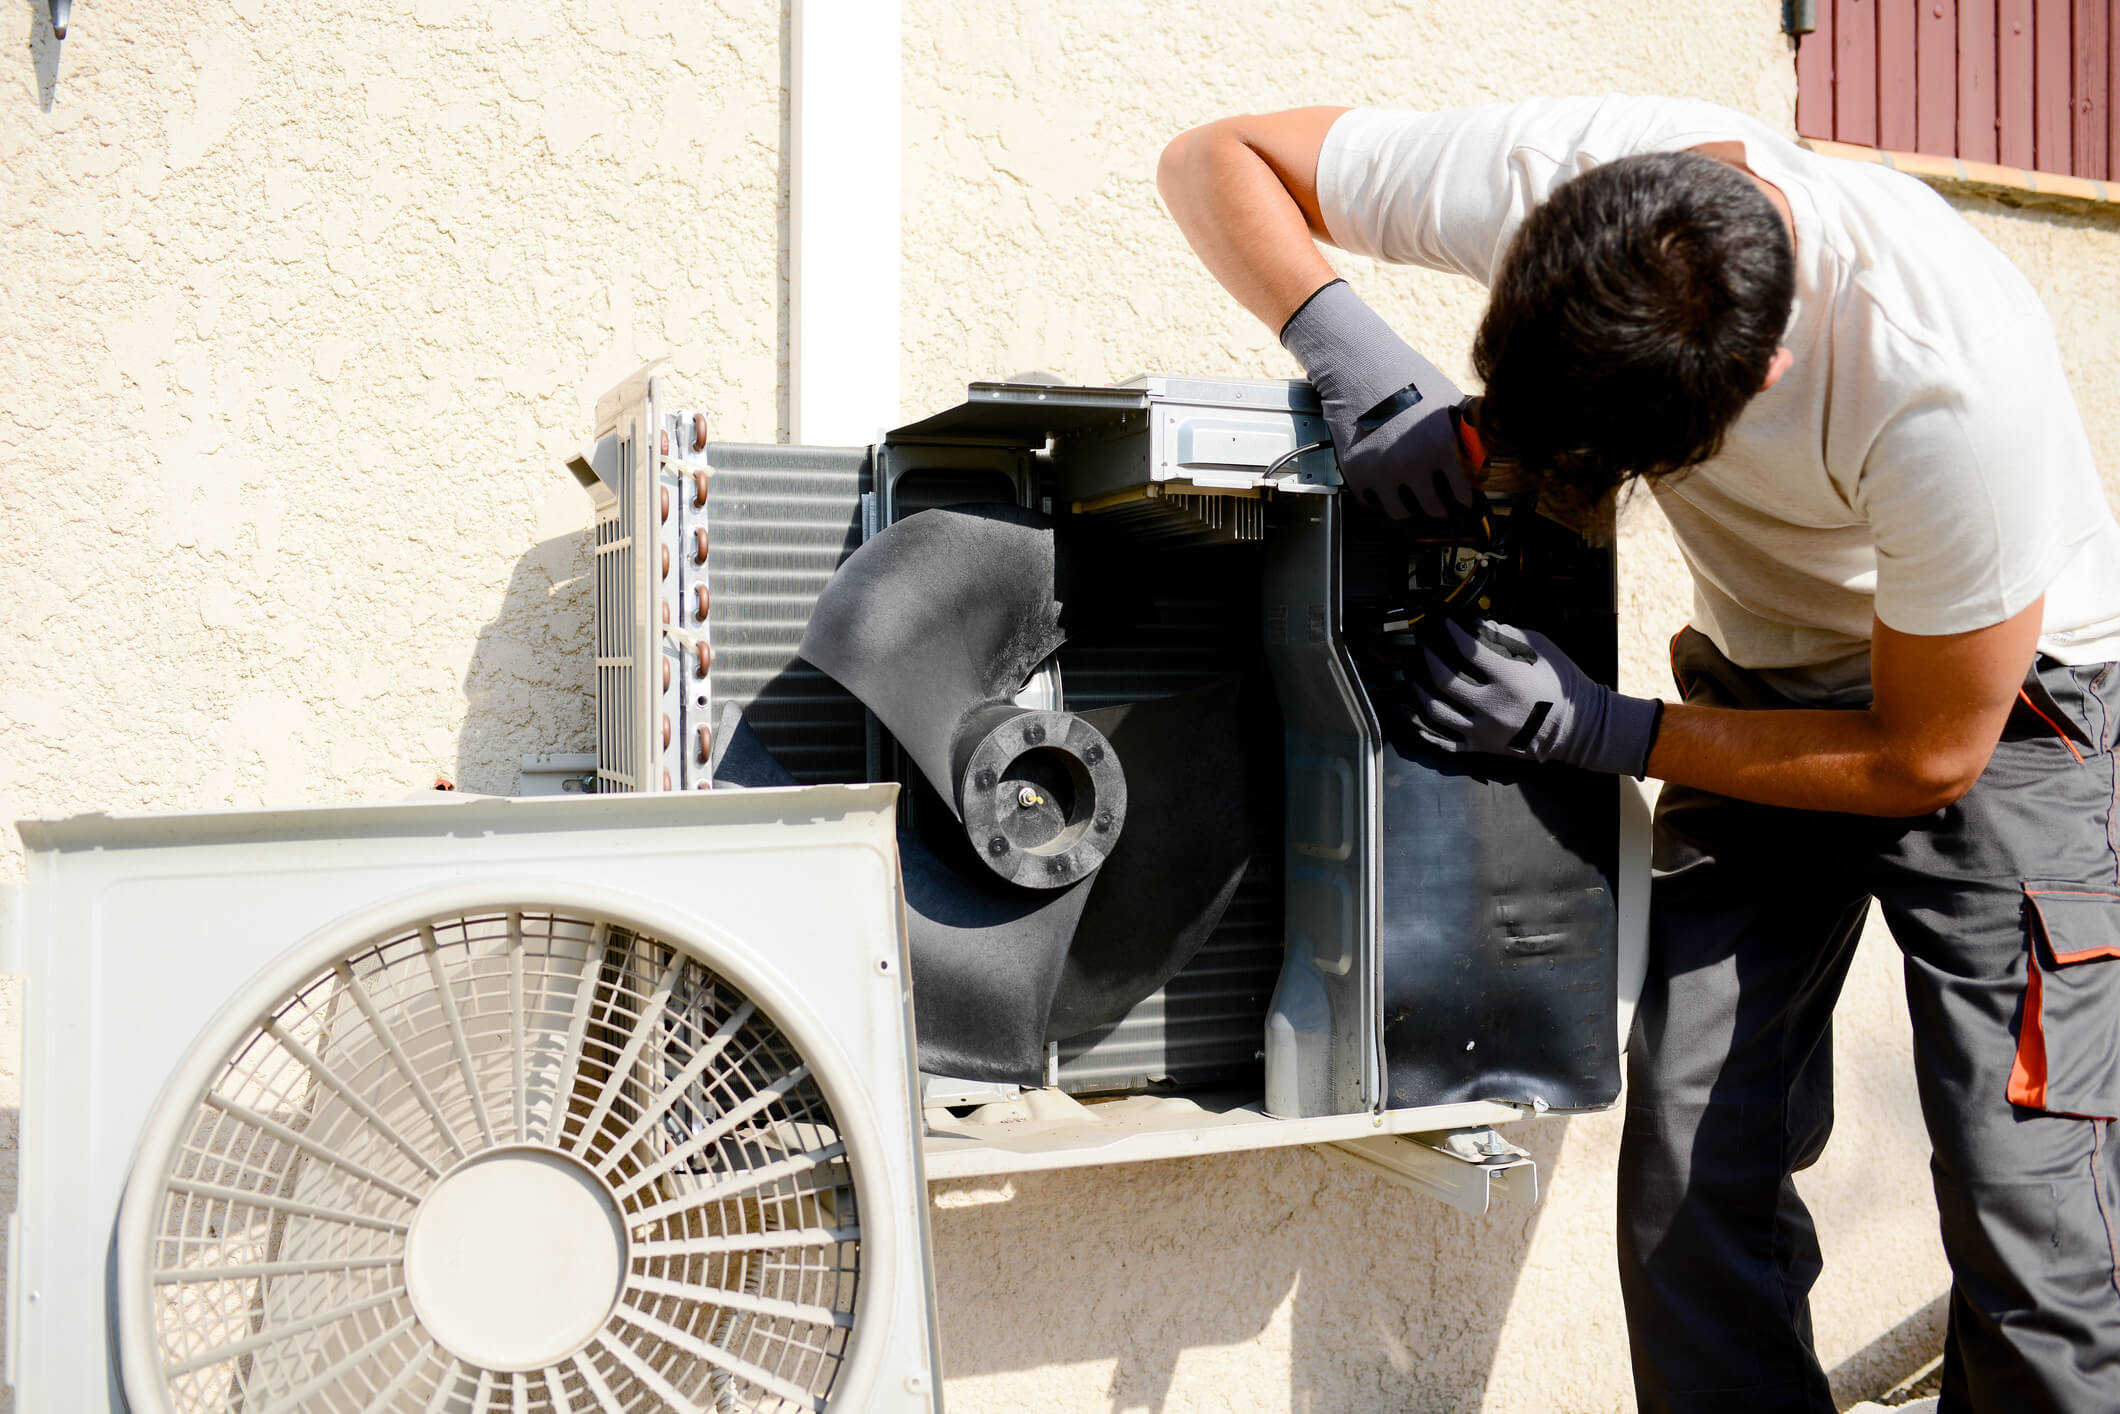 trung tâm sửa chữa máy lạnh quận 1 giá rẻ